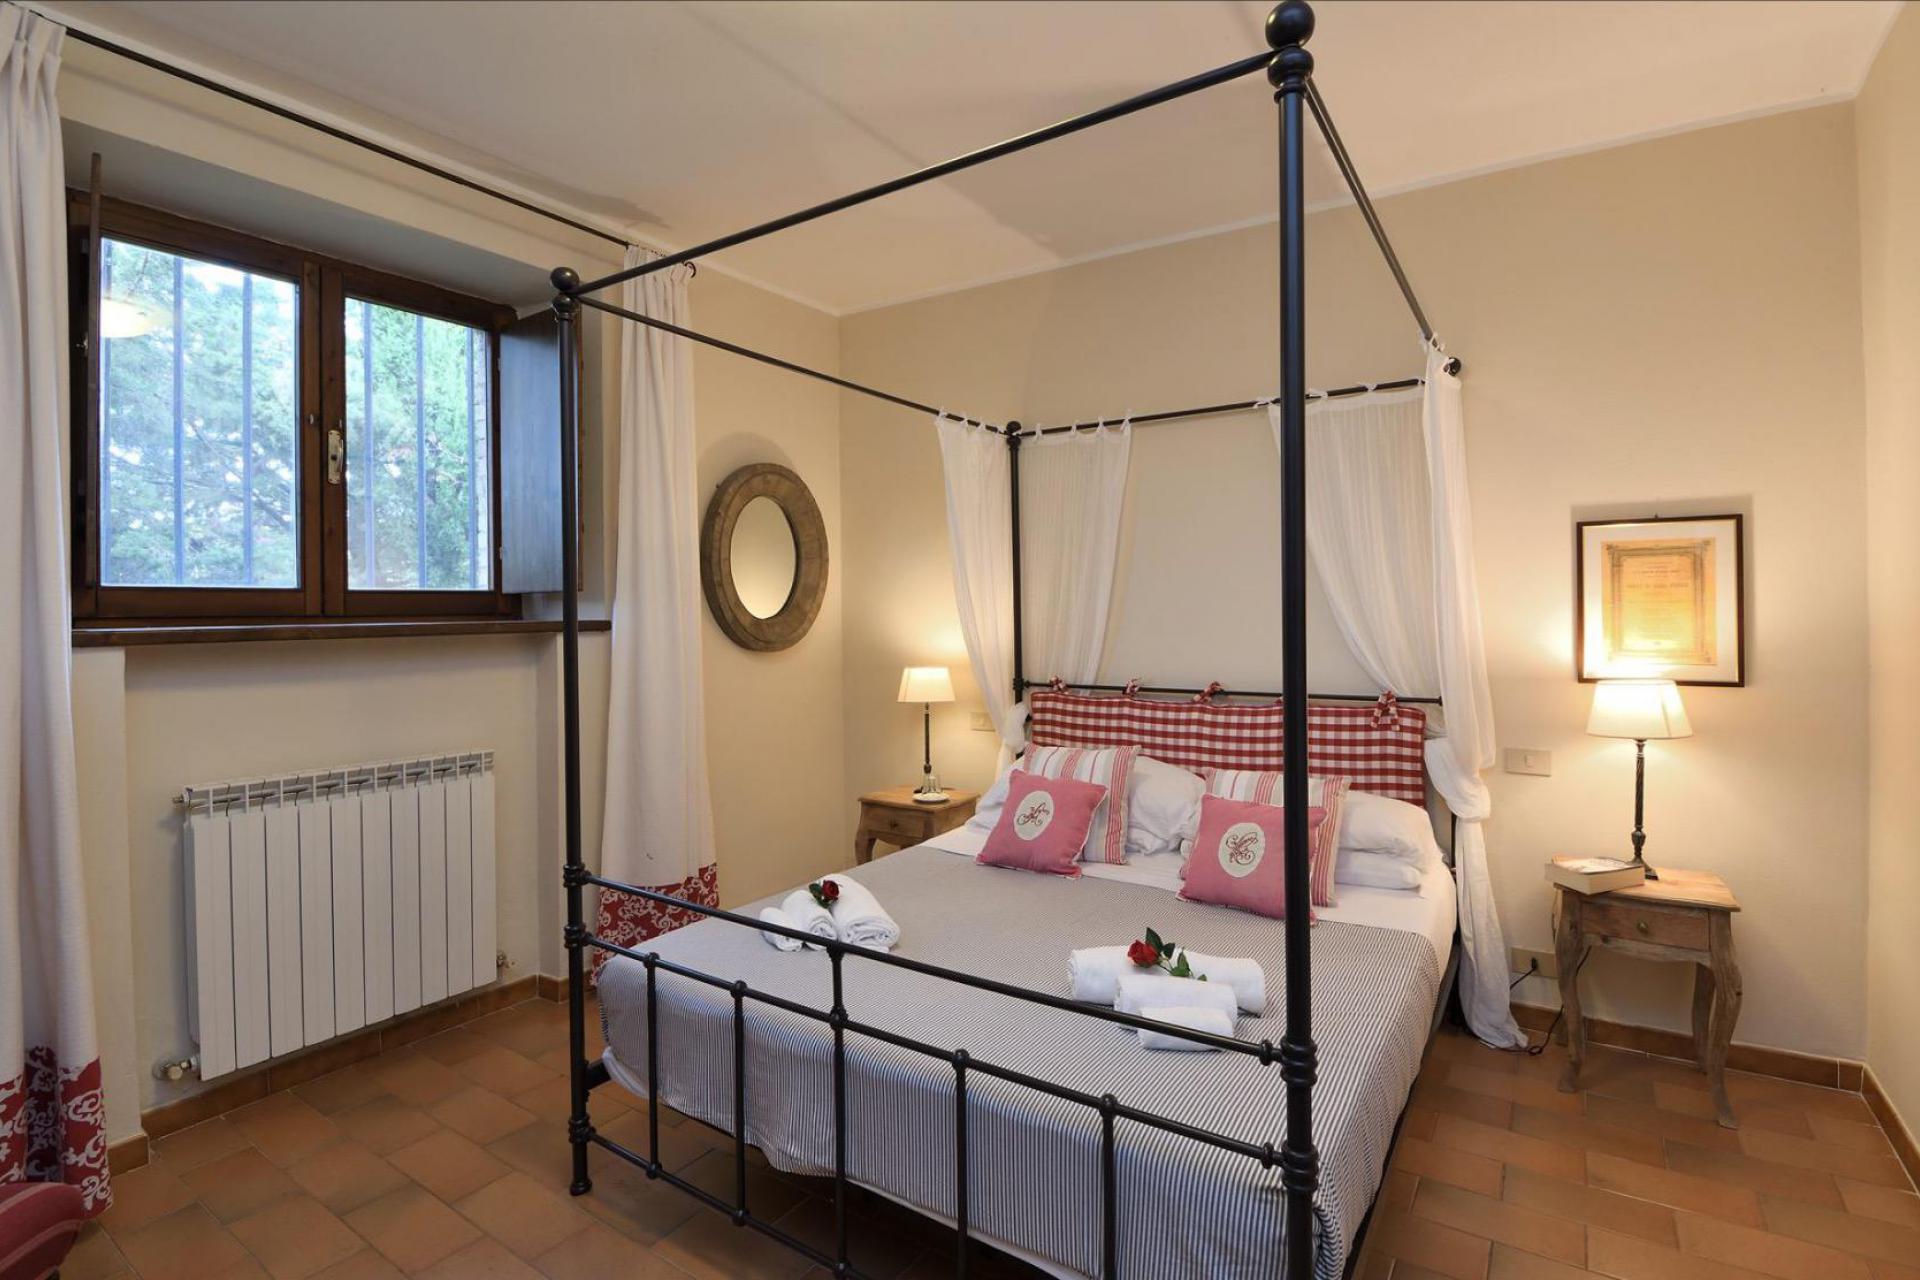 Agriturismo Toskana 7 geschmackvolle Wohnungen in der zentralen Toskana | myitalyselection.de